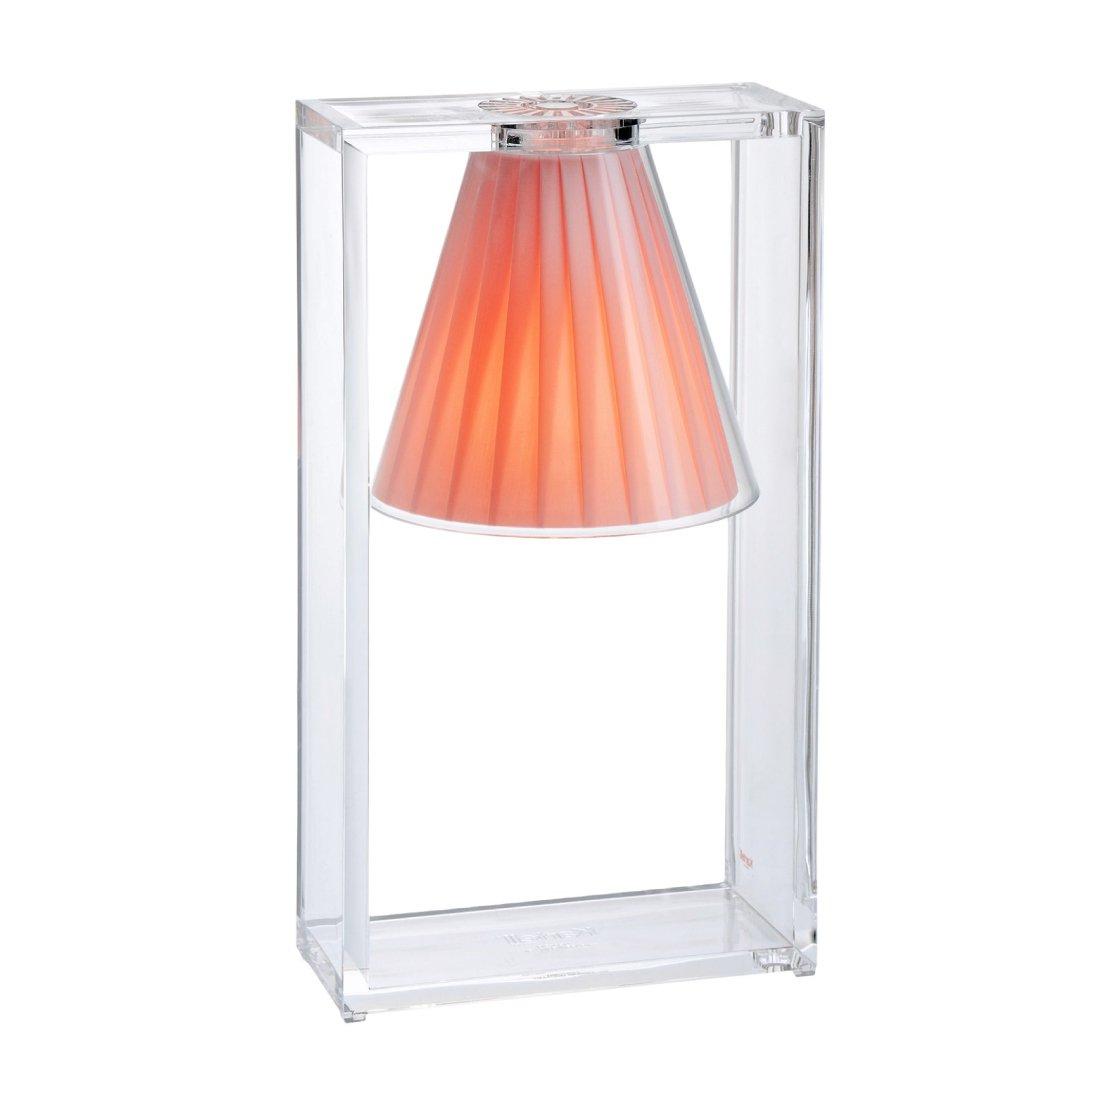 Kartell Light Air Tafellamp Roze